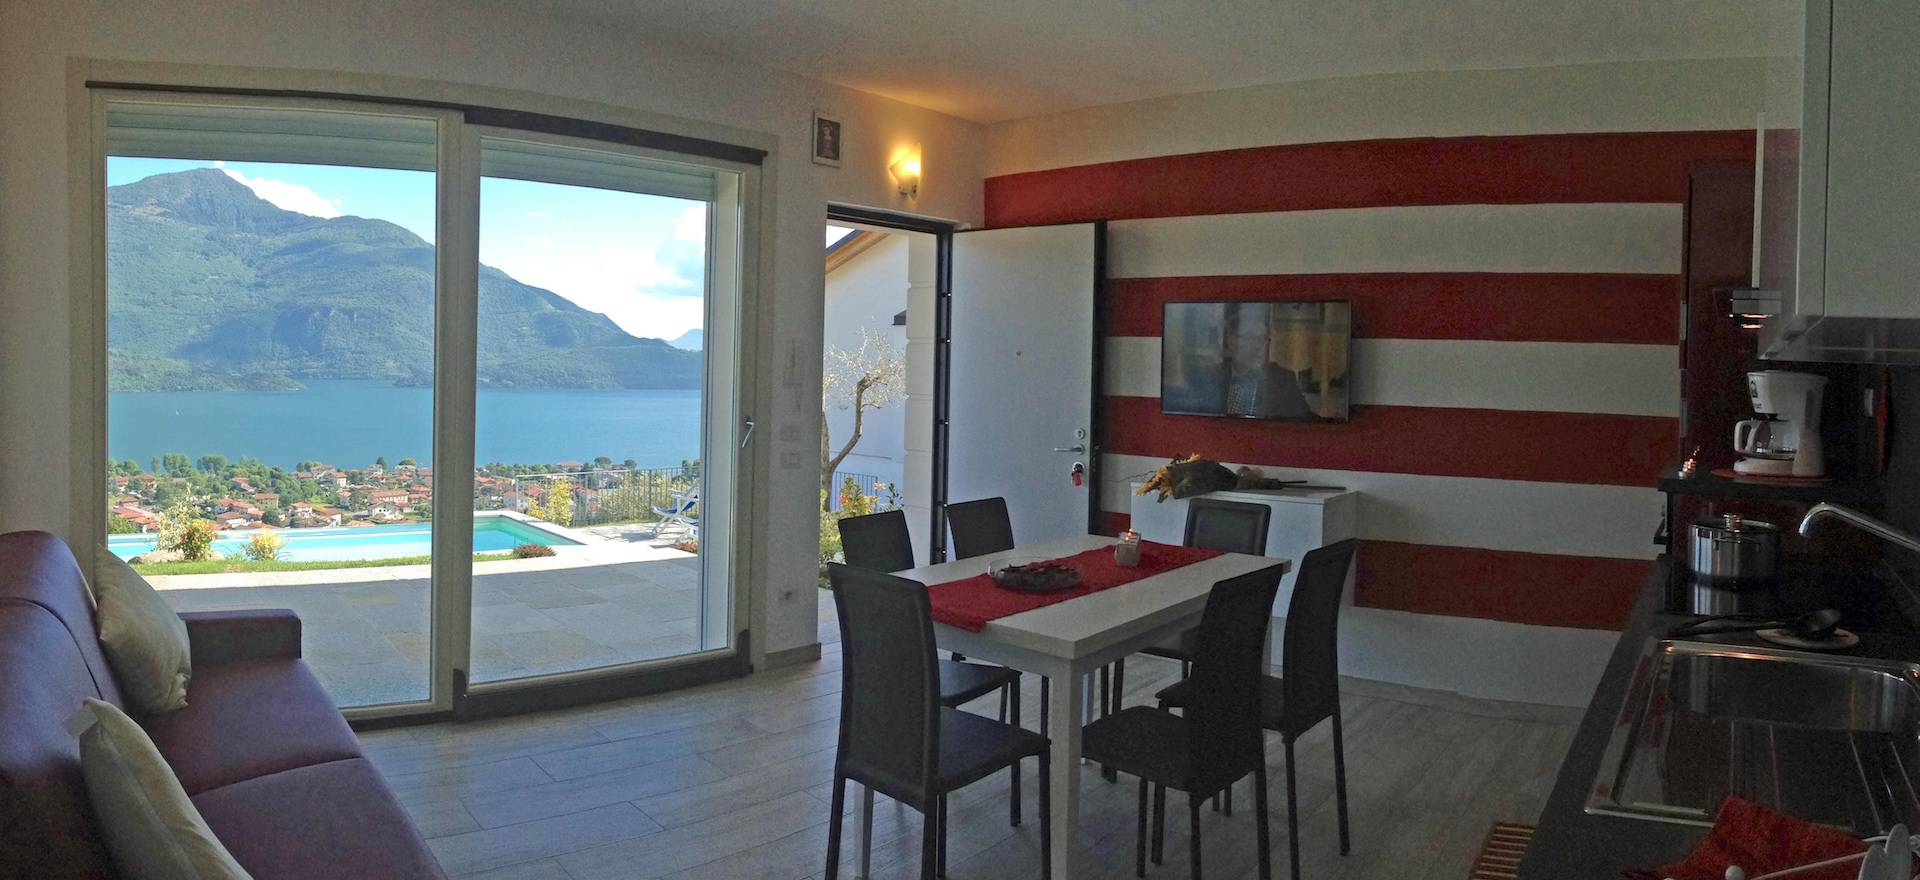 Residence met uniek uitzicht op het Comomeer